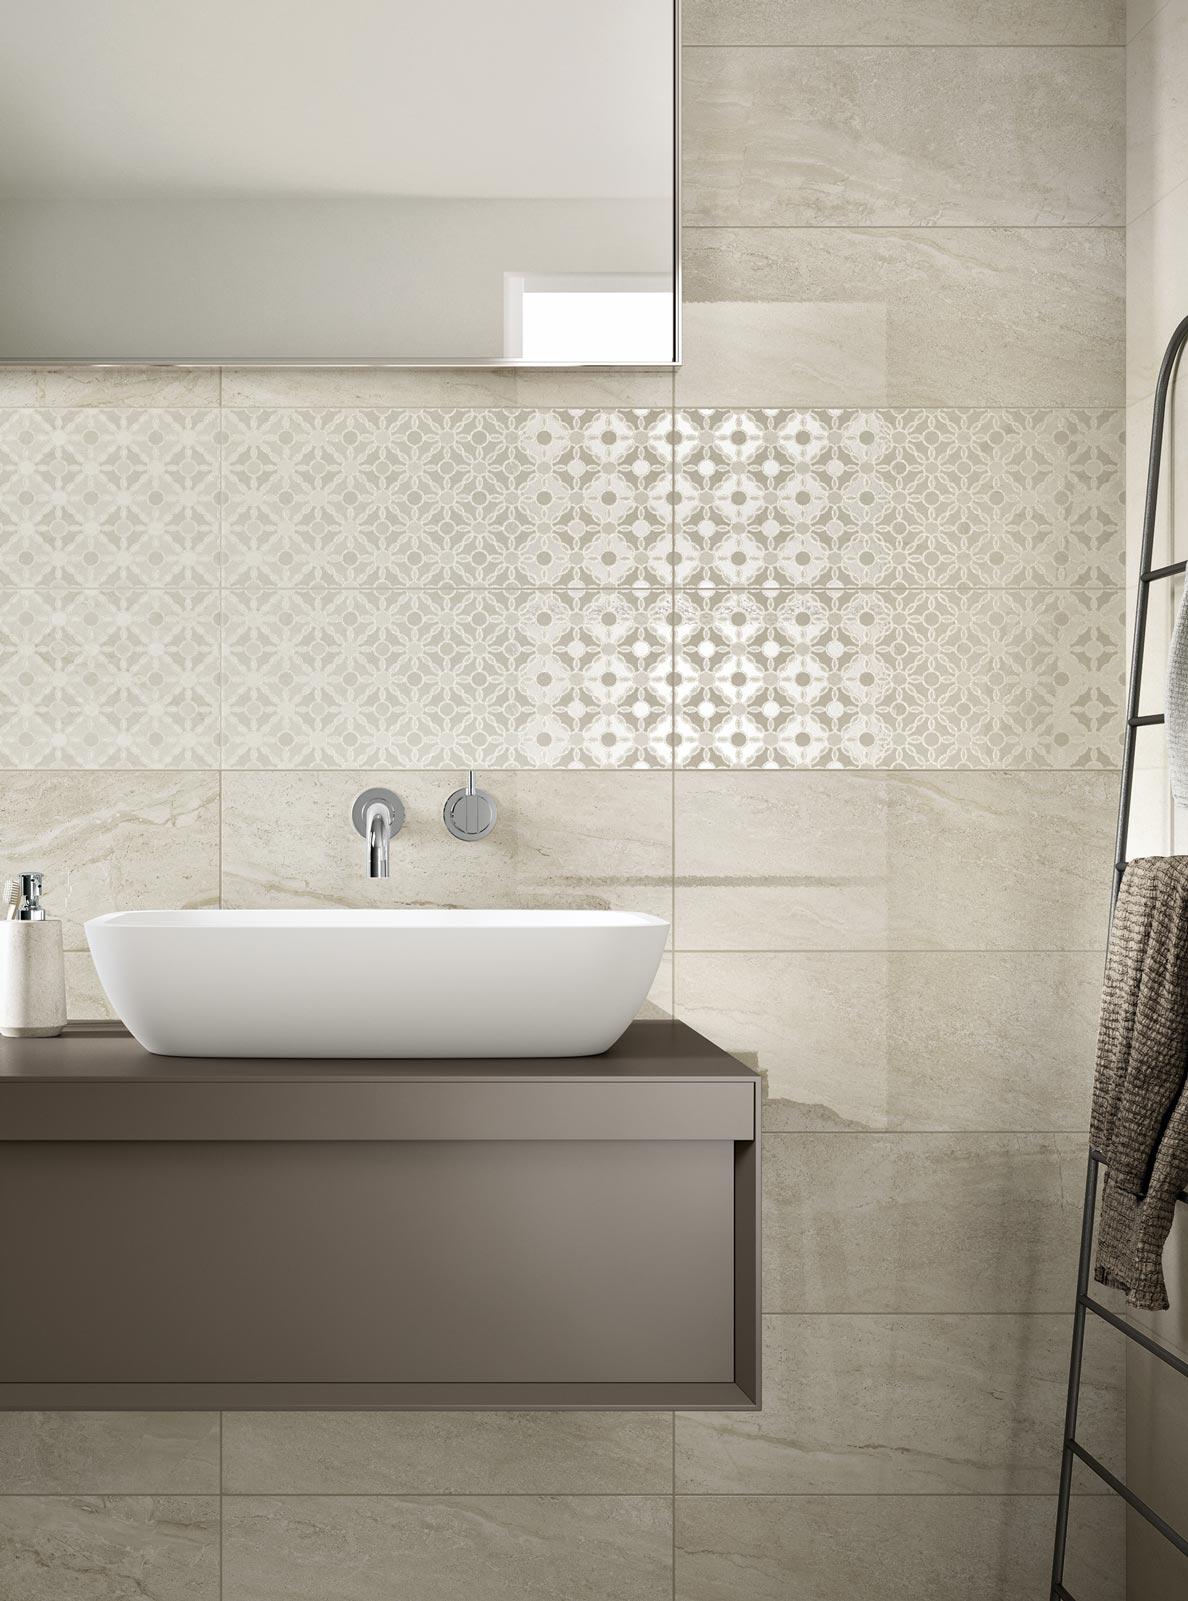 Collezione grace piastrelle in ceramica per il tuo bagno - Piastrelle ragno prezzi ...